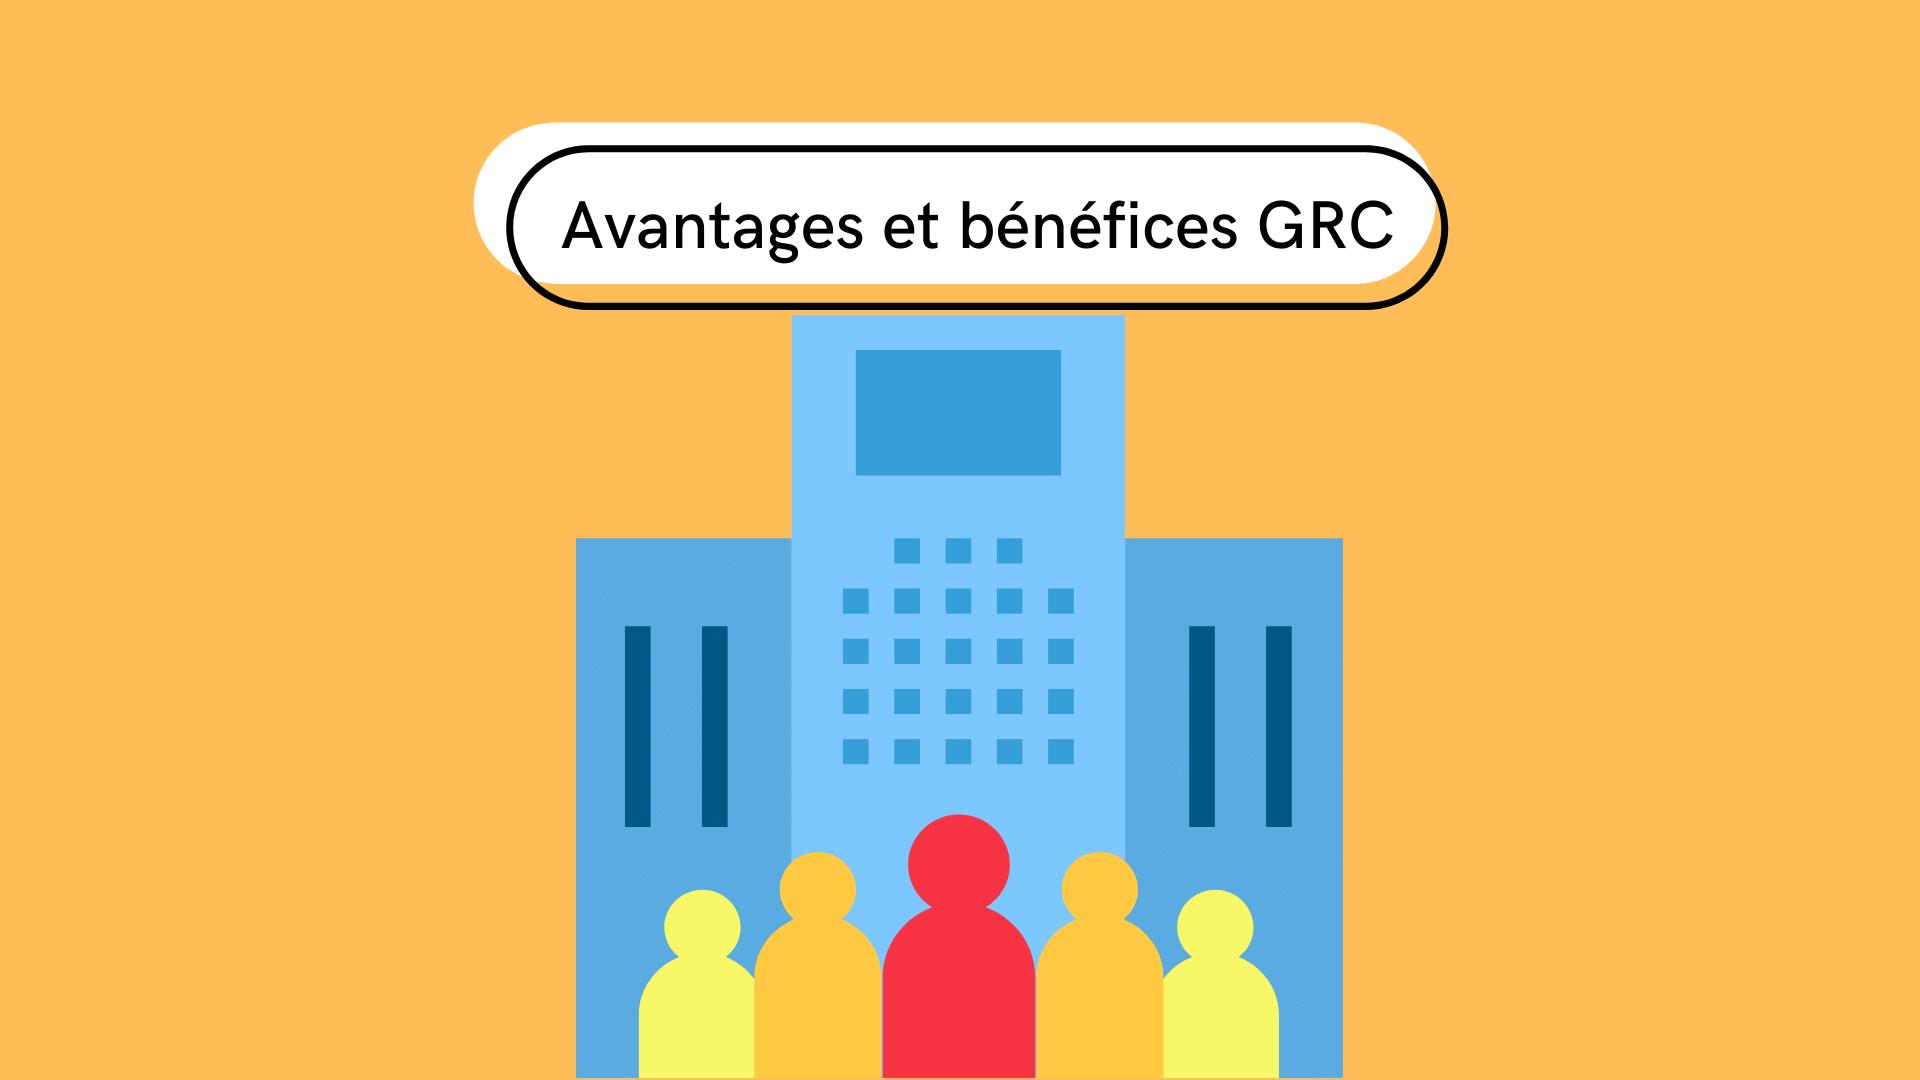 voici une liste des 5 meilleurs avantages et bénéfices d'un GRC pour tous les utilisateurs.